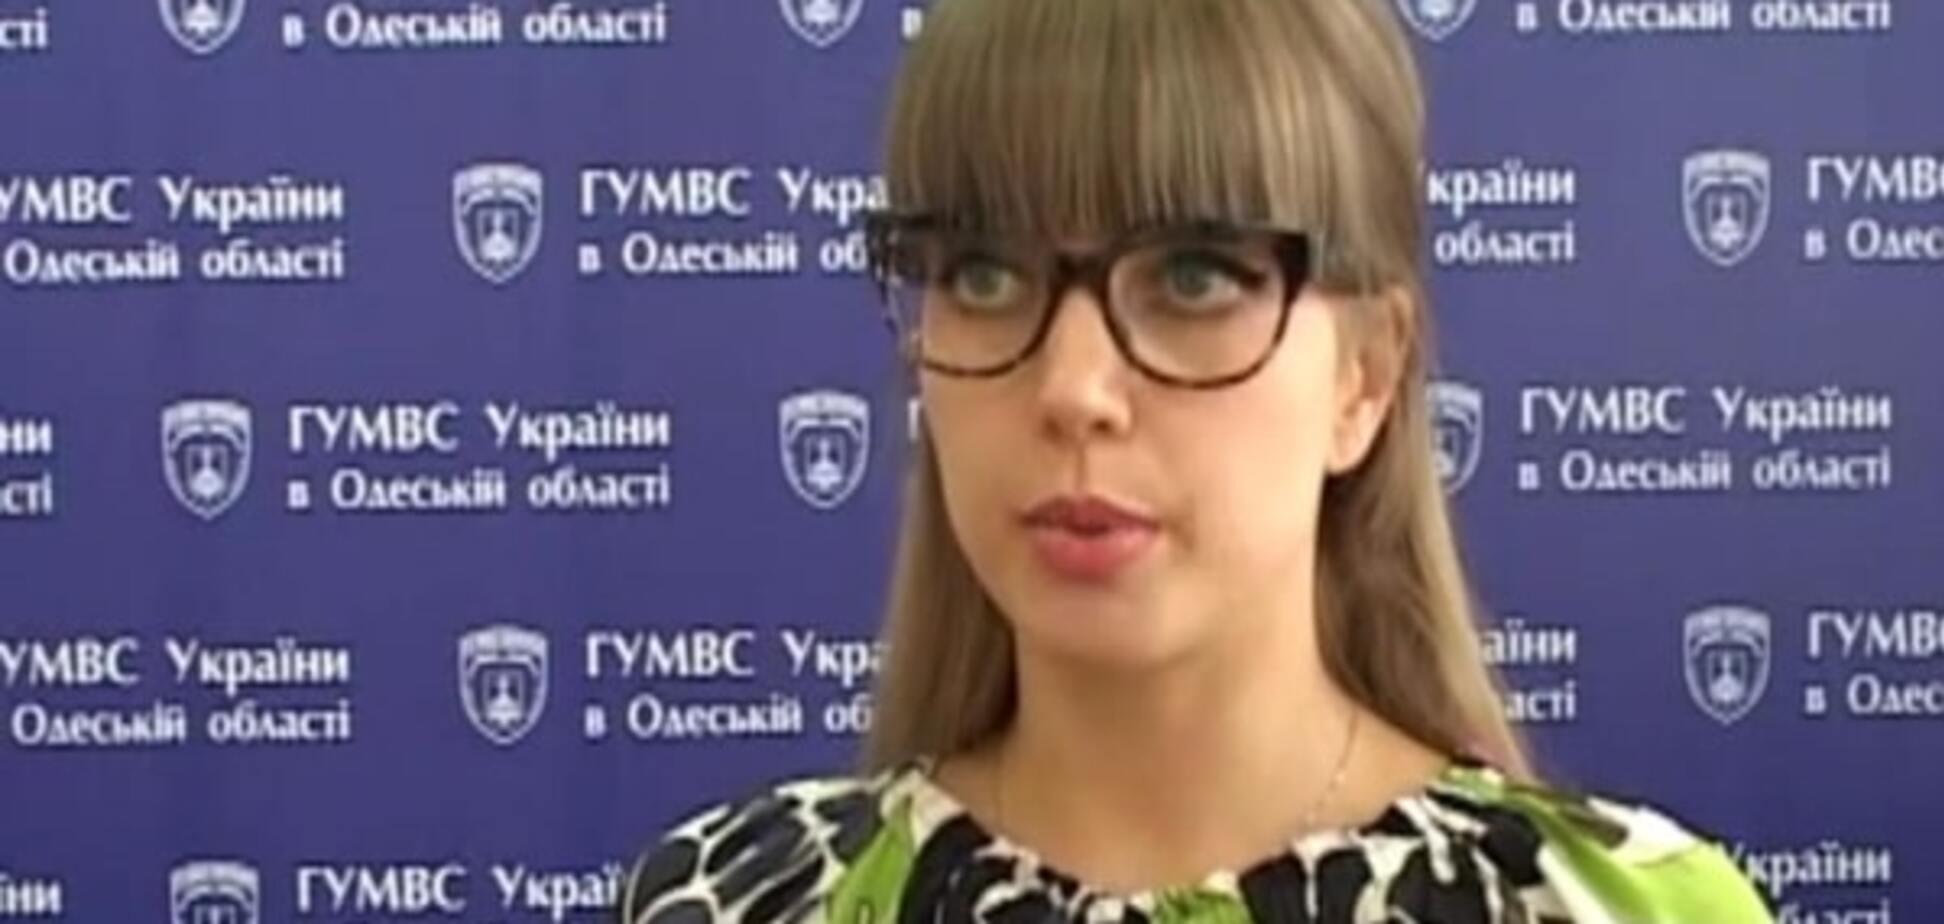 Луганчанка-фотомодель стала пресс-секретарем одесской милиции: фотофакт